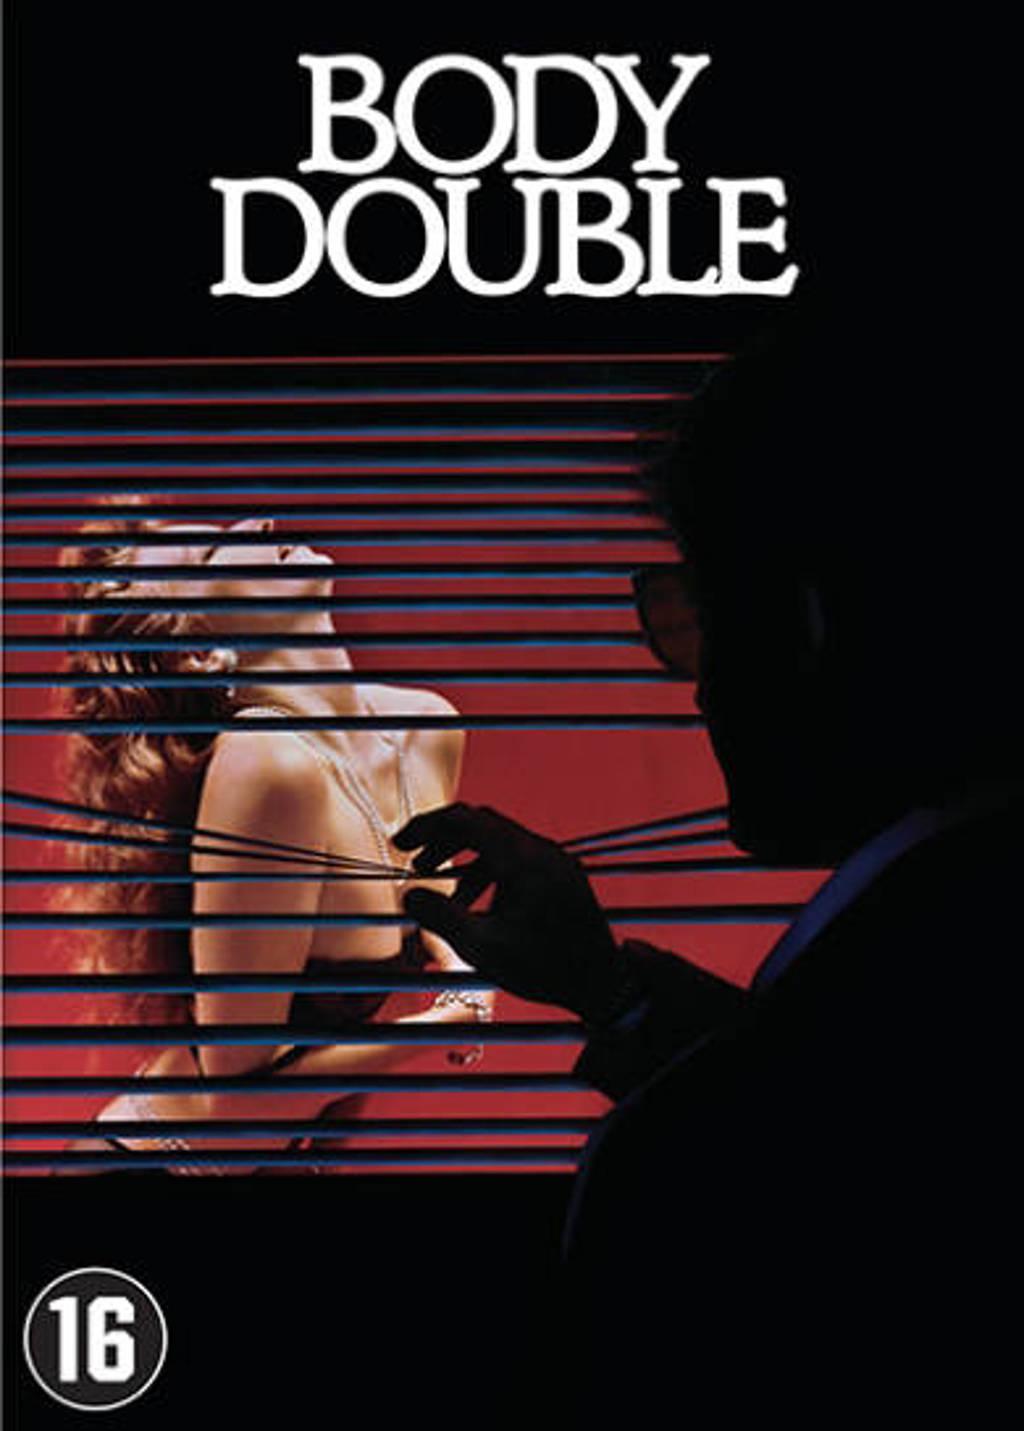 Body double (1984) (DVD)